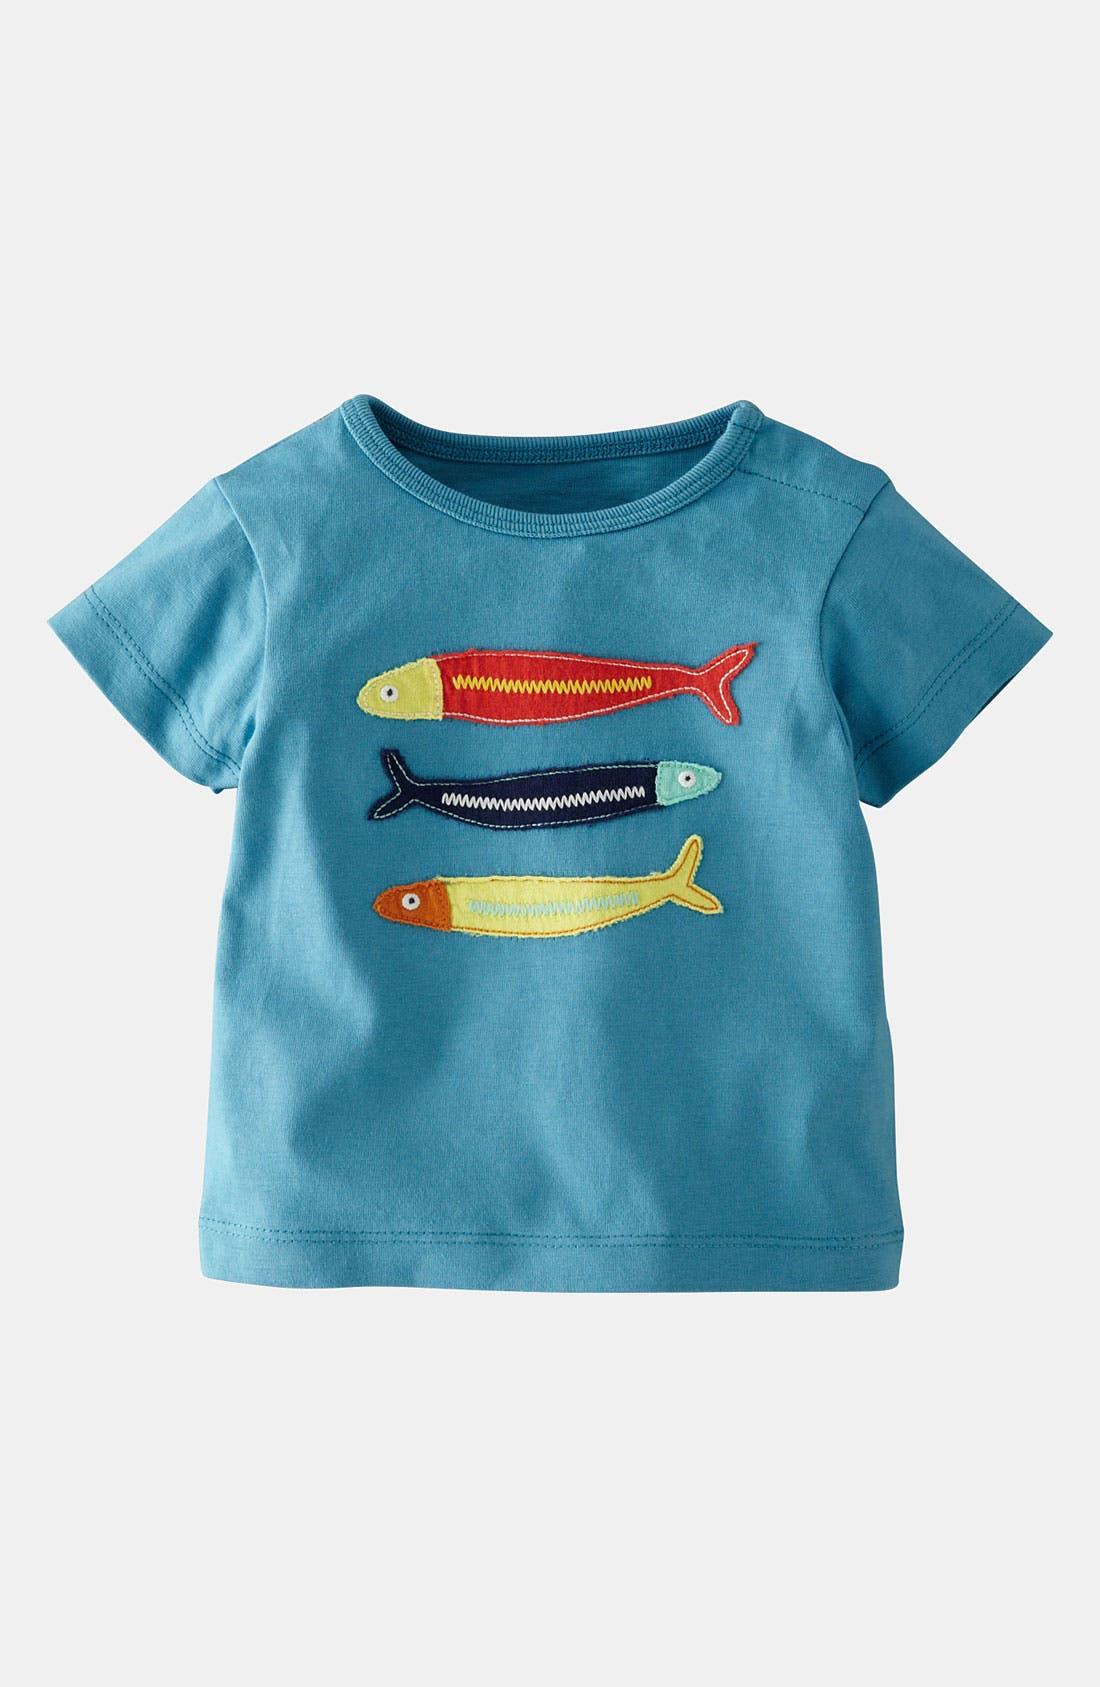 Main Image - Mini Boden 'Big Appliqué' T-Shirt (Infant)